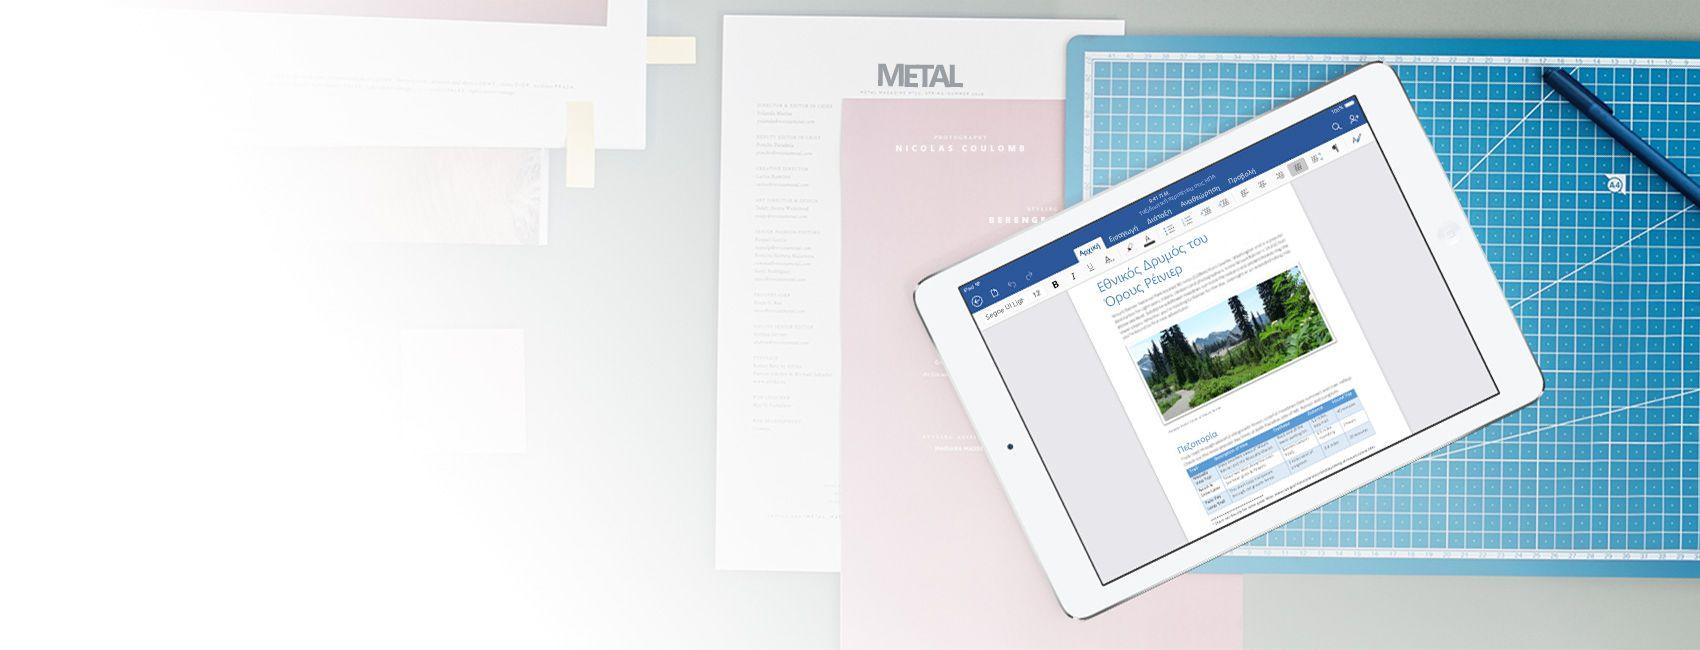 Ένα iPad που εμφανίζει ένα έγγραφο του Word σχετικά με το Εθνικό Πάρκο Mount Rainier στην εφαρμογή του Word για iOS